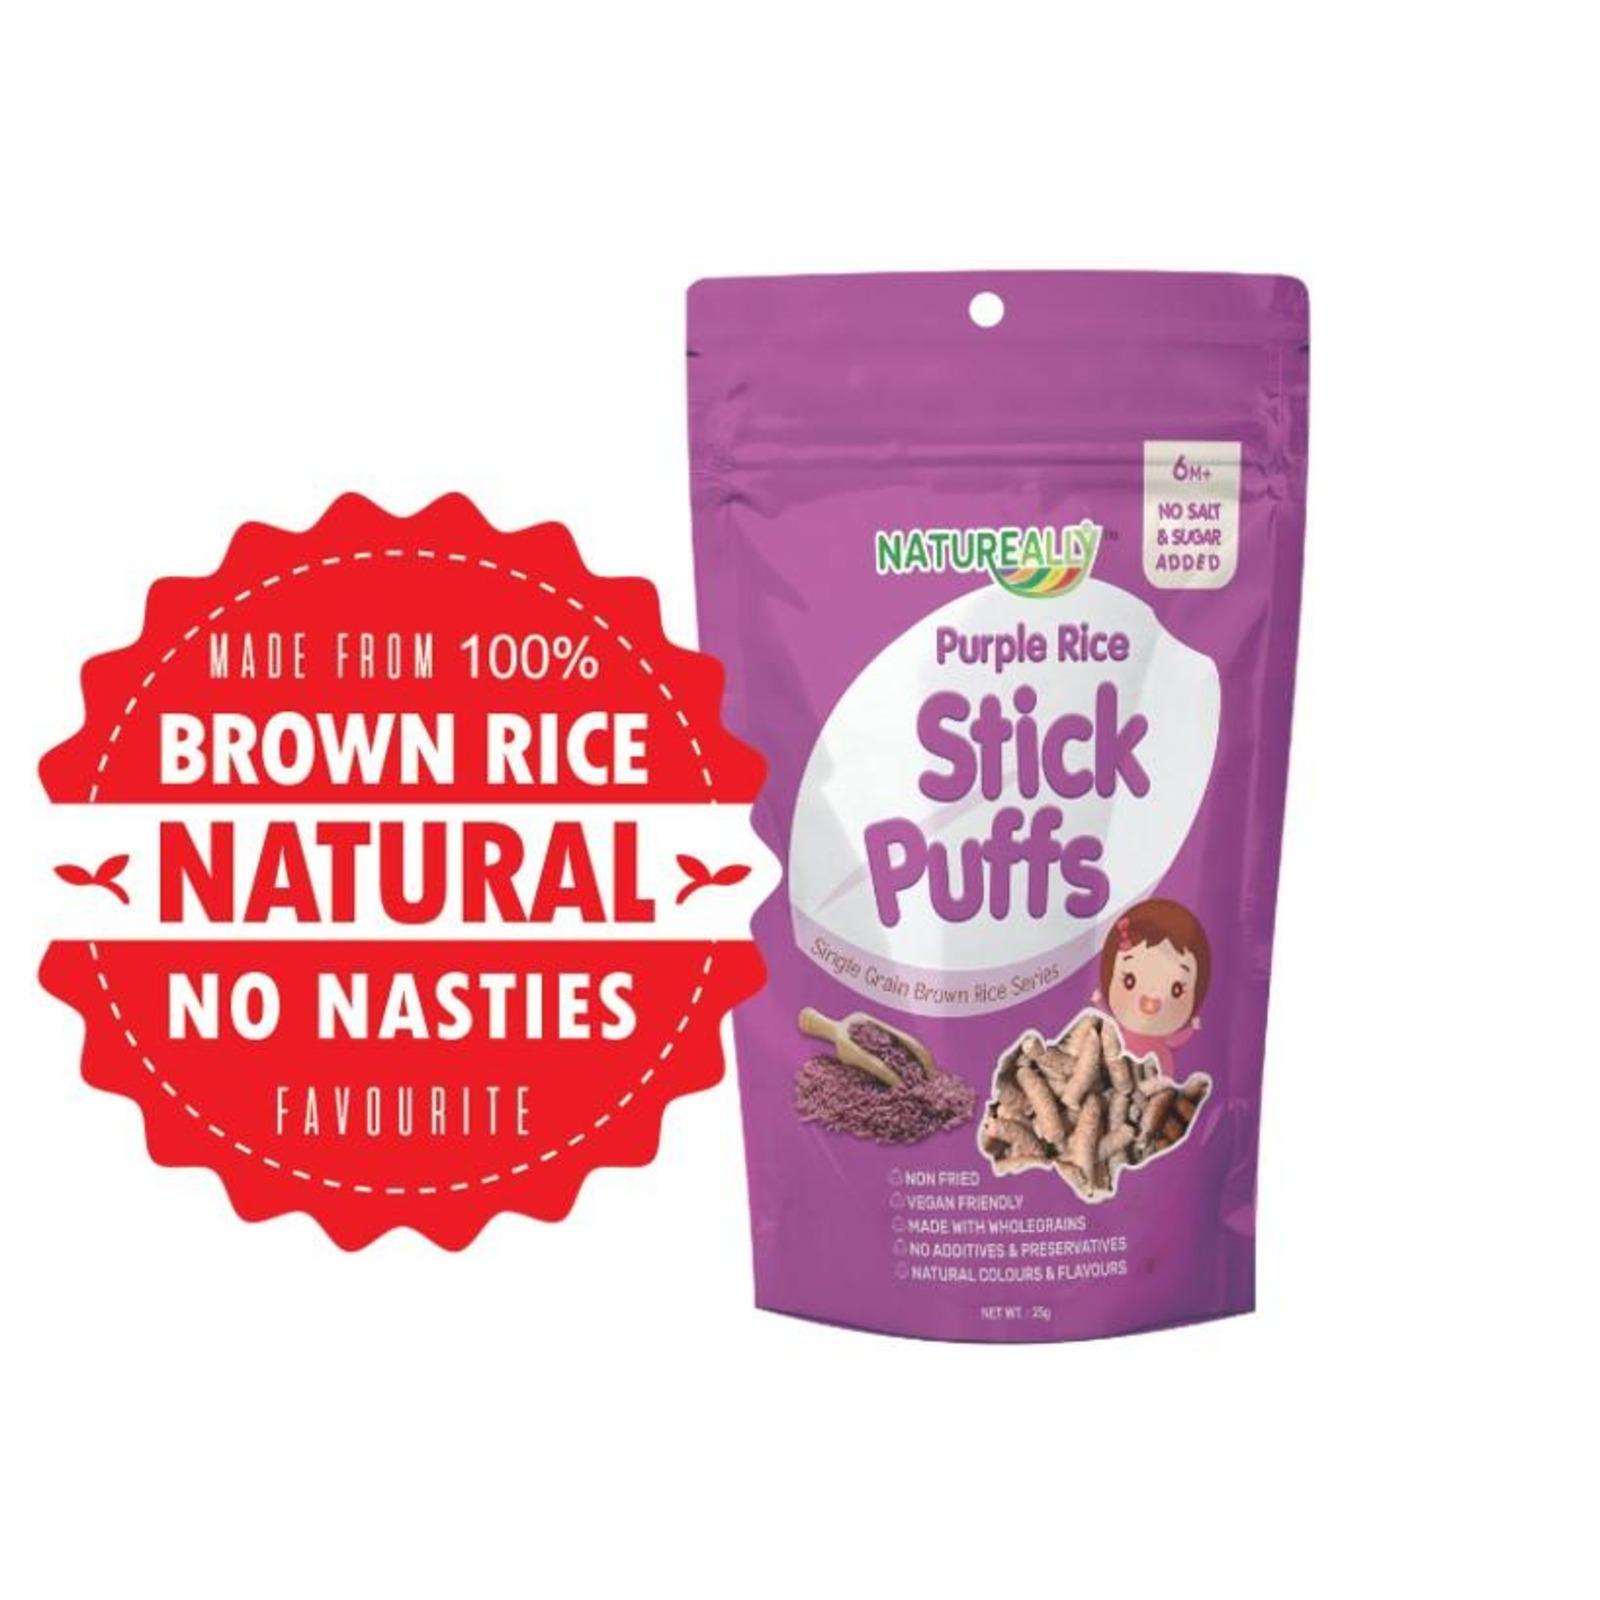 NATUREALLY Purple Rice Stick Puffs. 25g